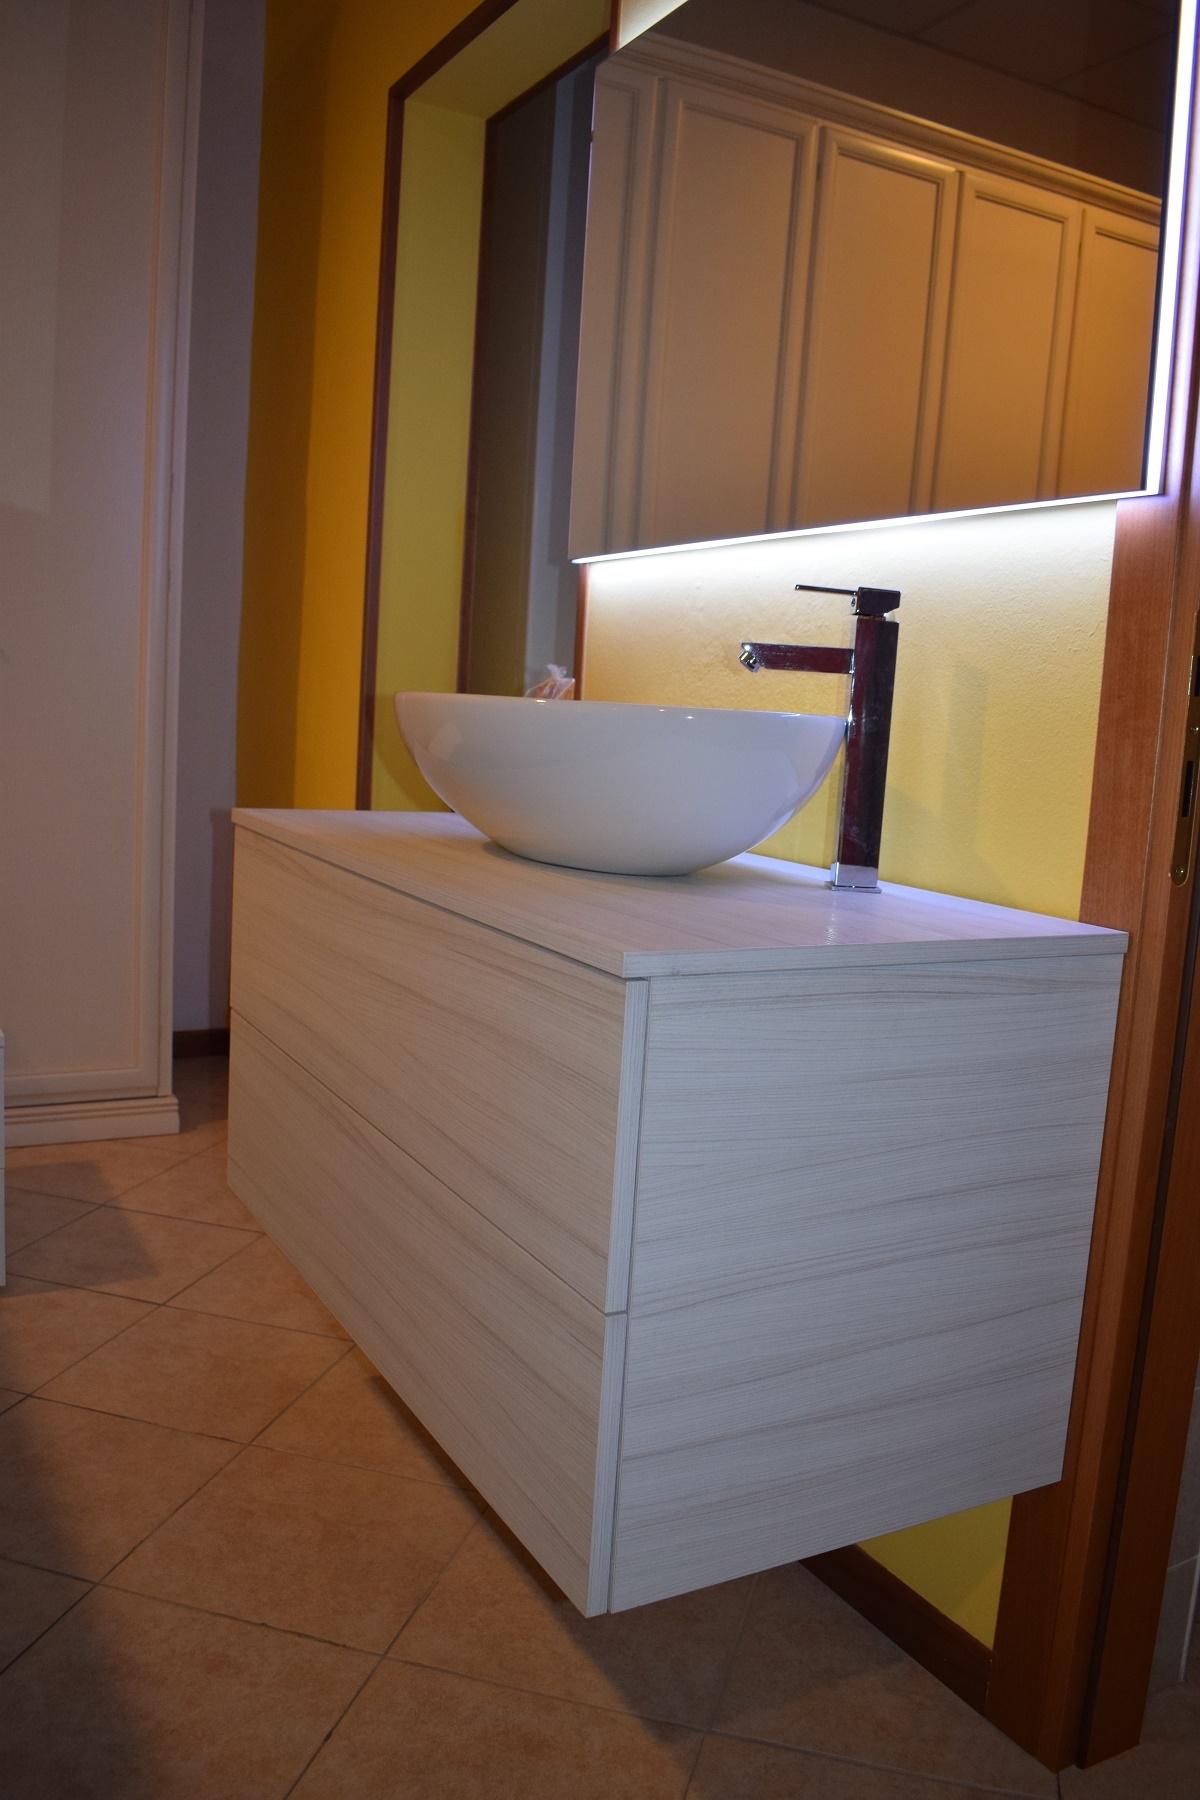 Outlet Arredo bagno: Offerte Arredo bagno Online a Prezzi Scontati